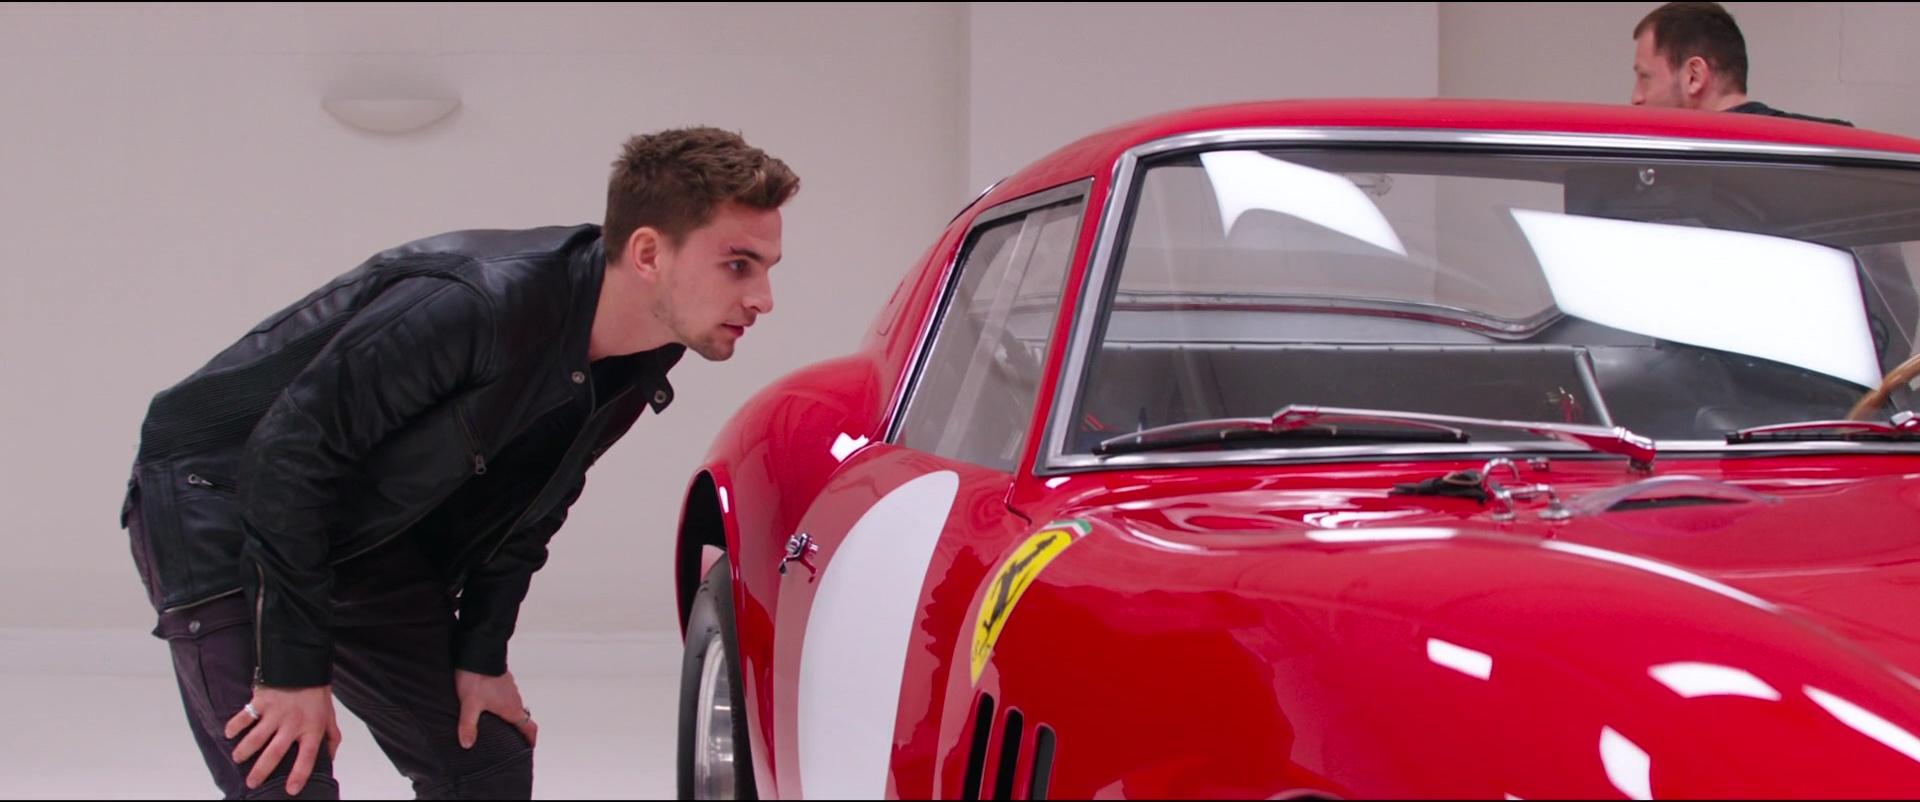 Ferrari Cars In Overdrive 2017 Movie